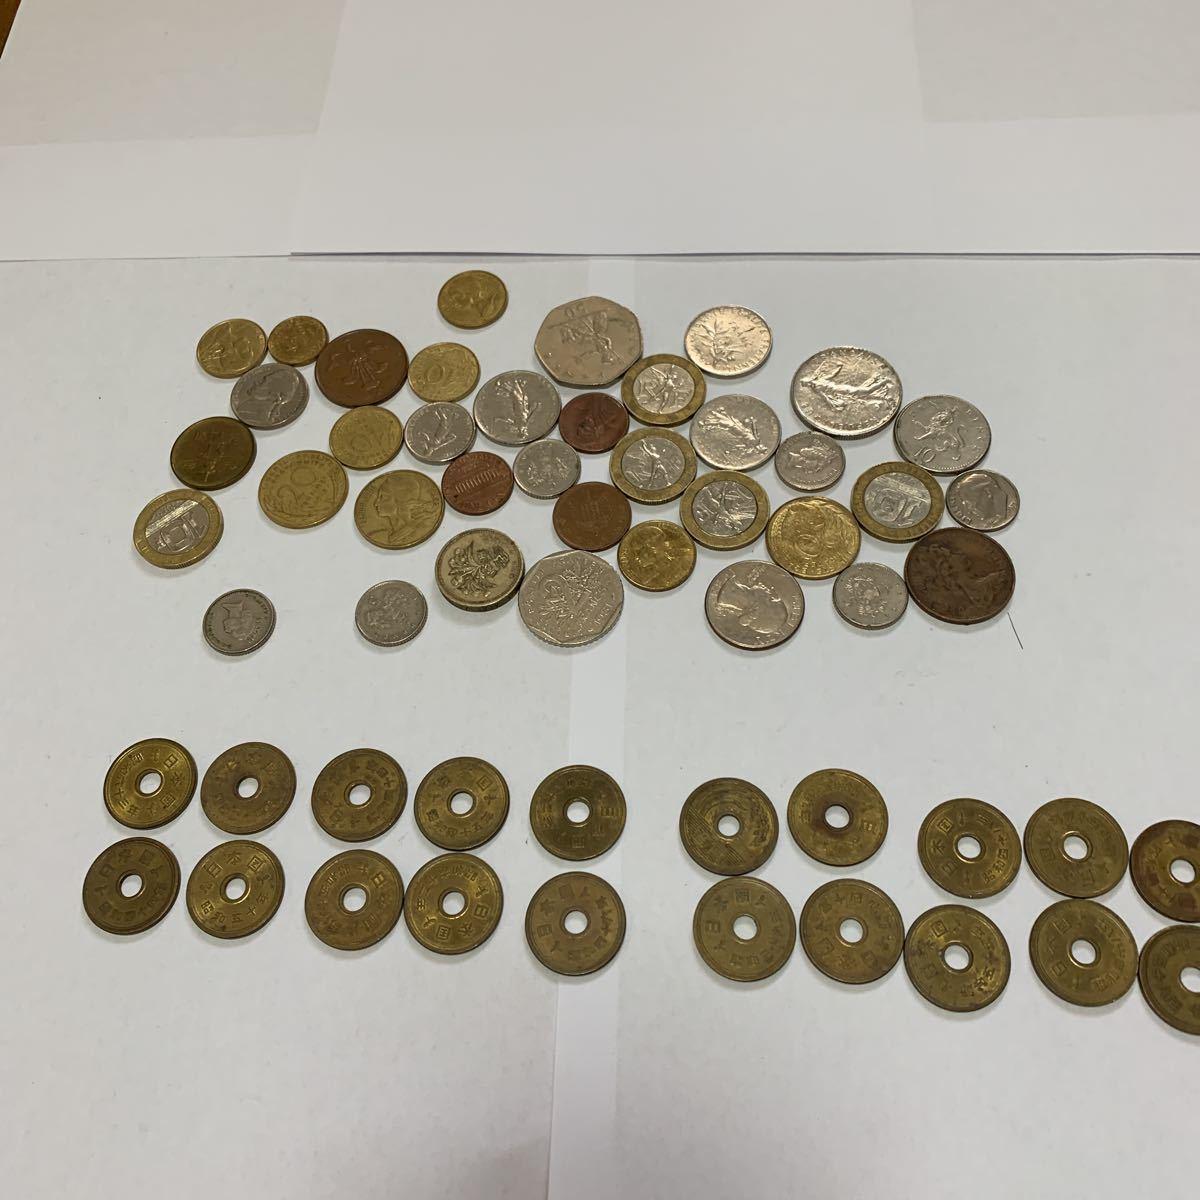 外国旅行した際に持って帰ってきた各国のコインと昭和の5円玉